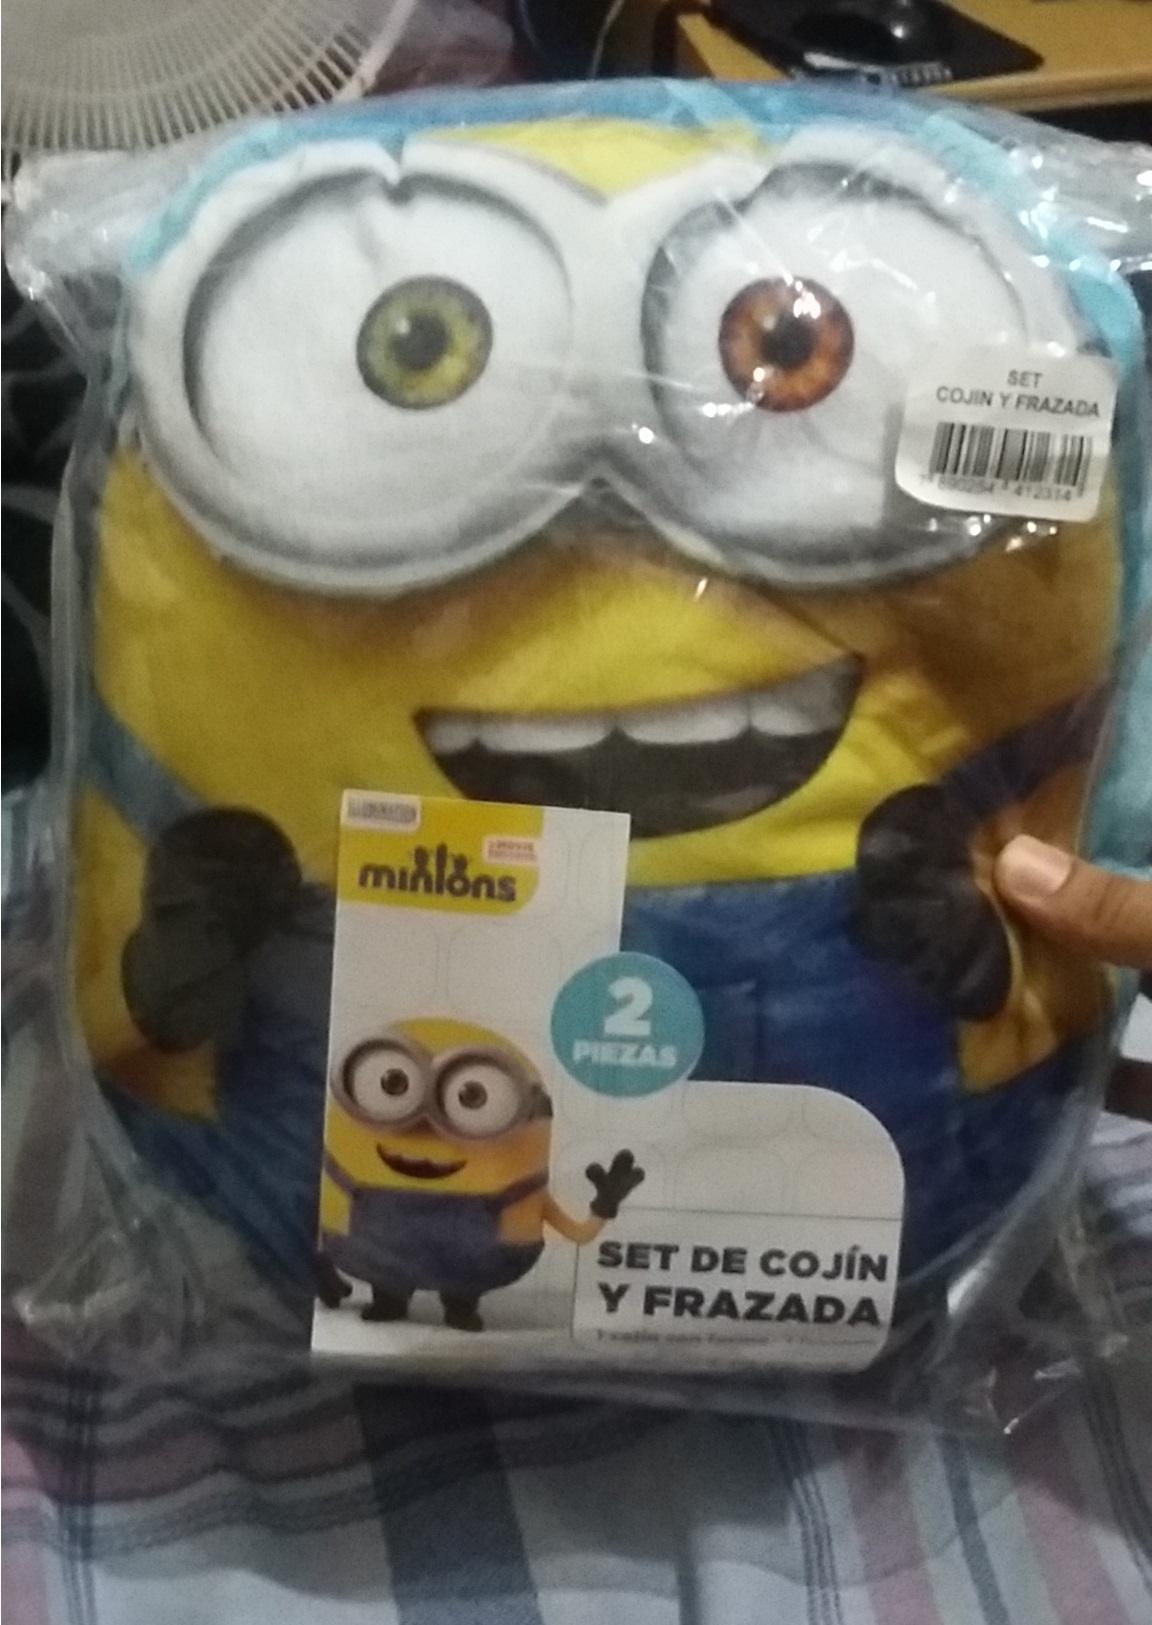 Walmart: Set de cojin y Frazada de Minions $35.01 + Promohistoria :)